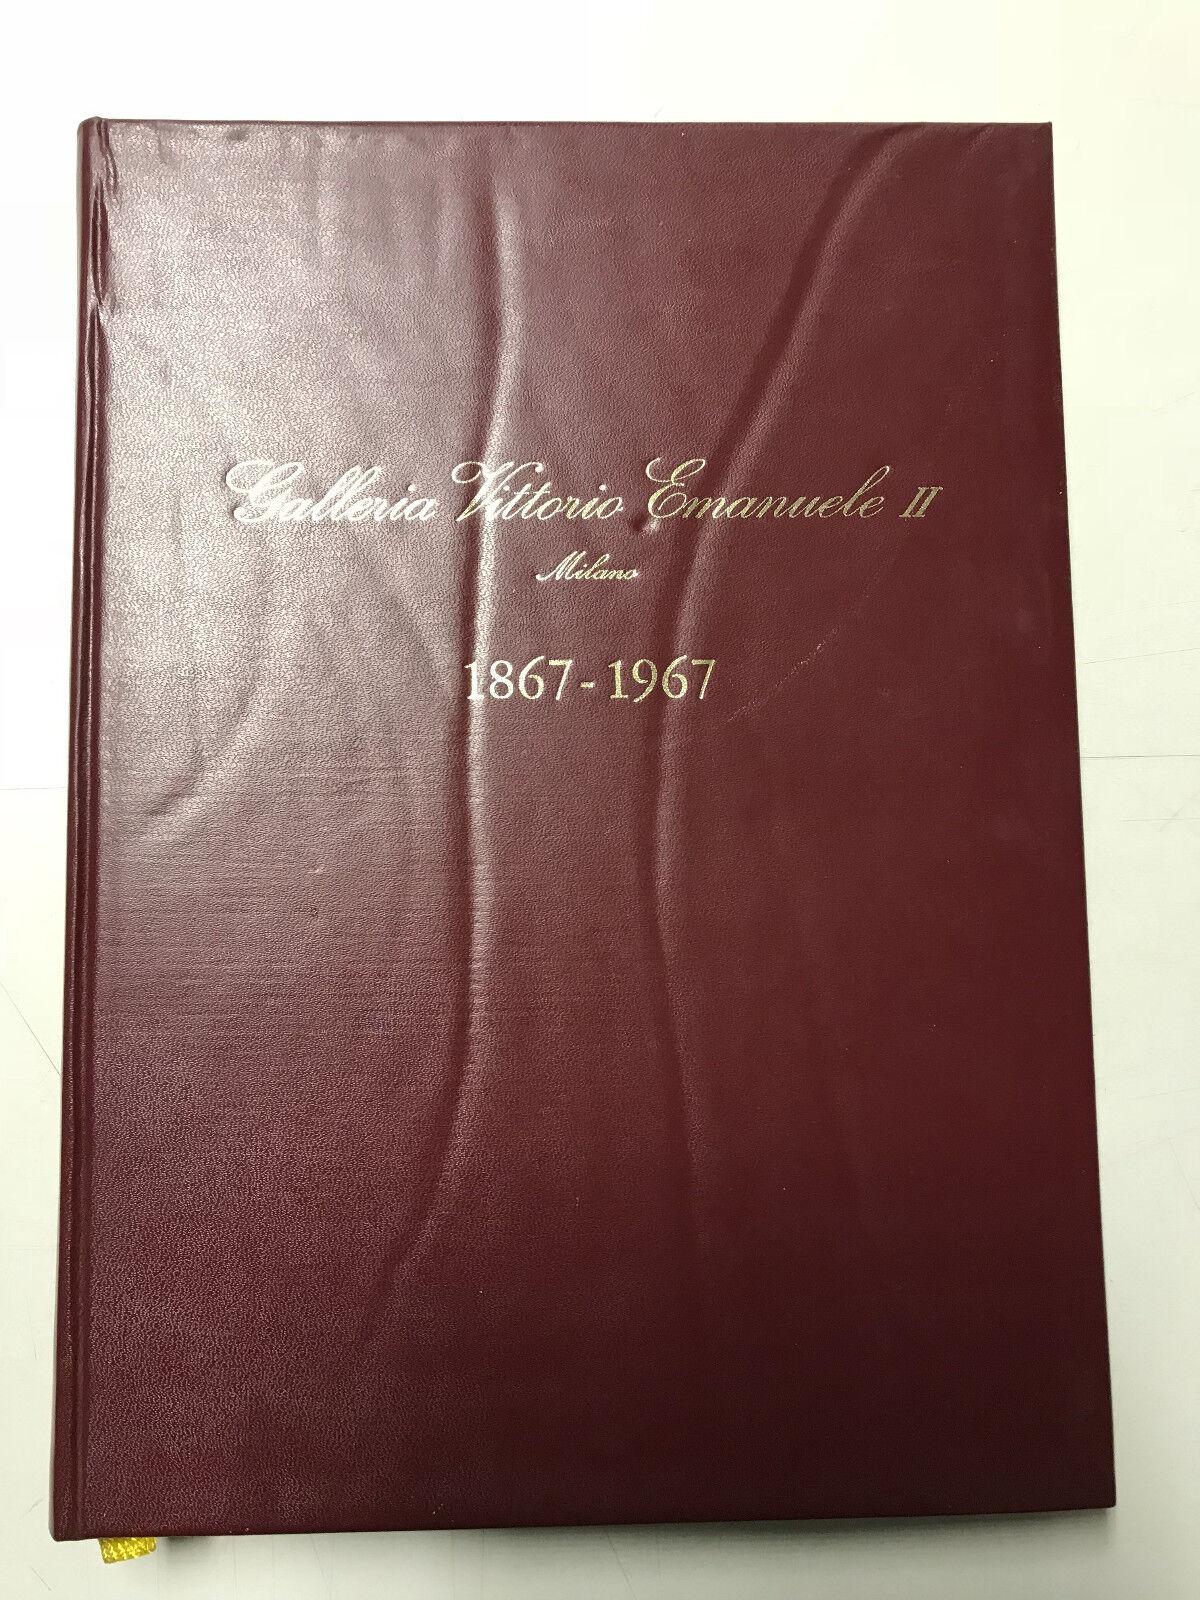 LA GALLERIA VITTORIO EMANUELE II. MILANO 1867-1967 - Antonio Randello